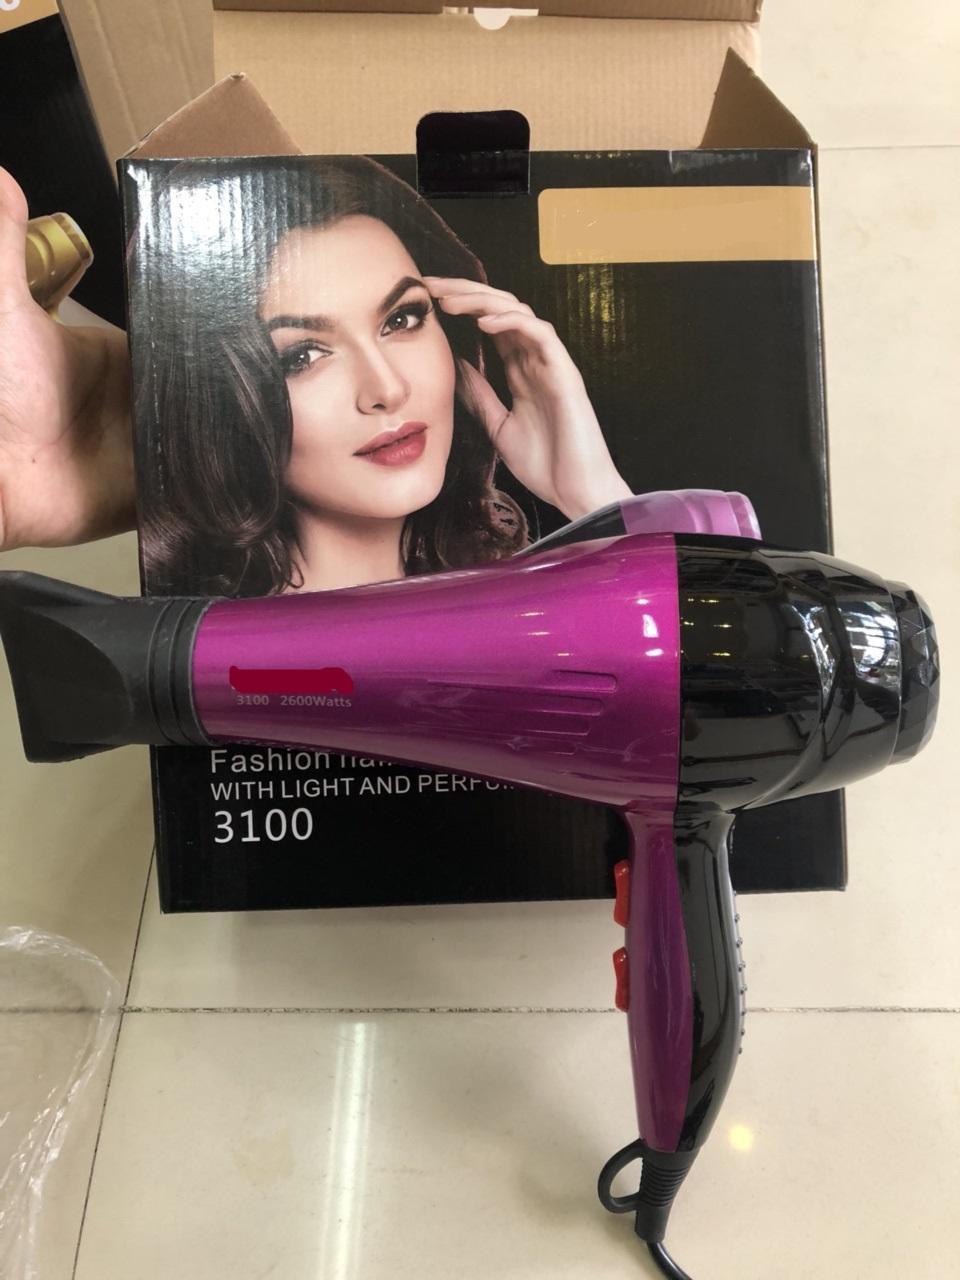 Máy sấy tóc 2600W lớn cực mạnh dùng cho Hair Salon